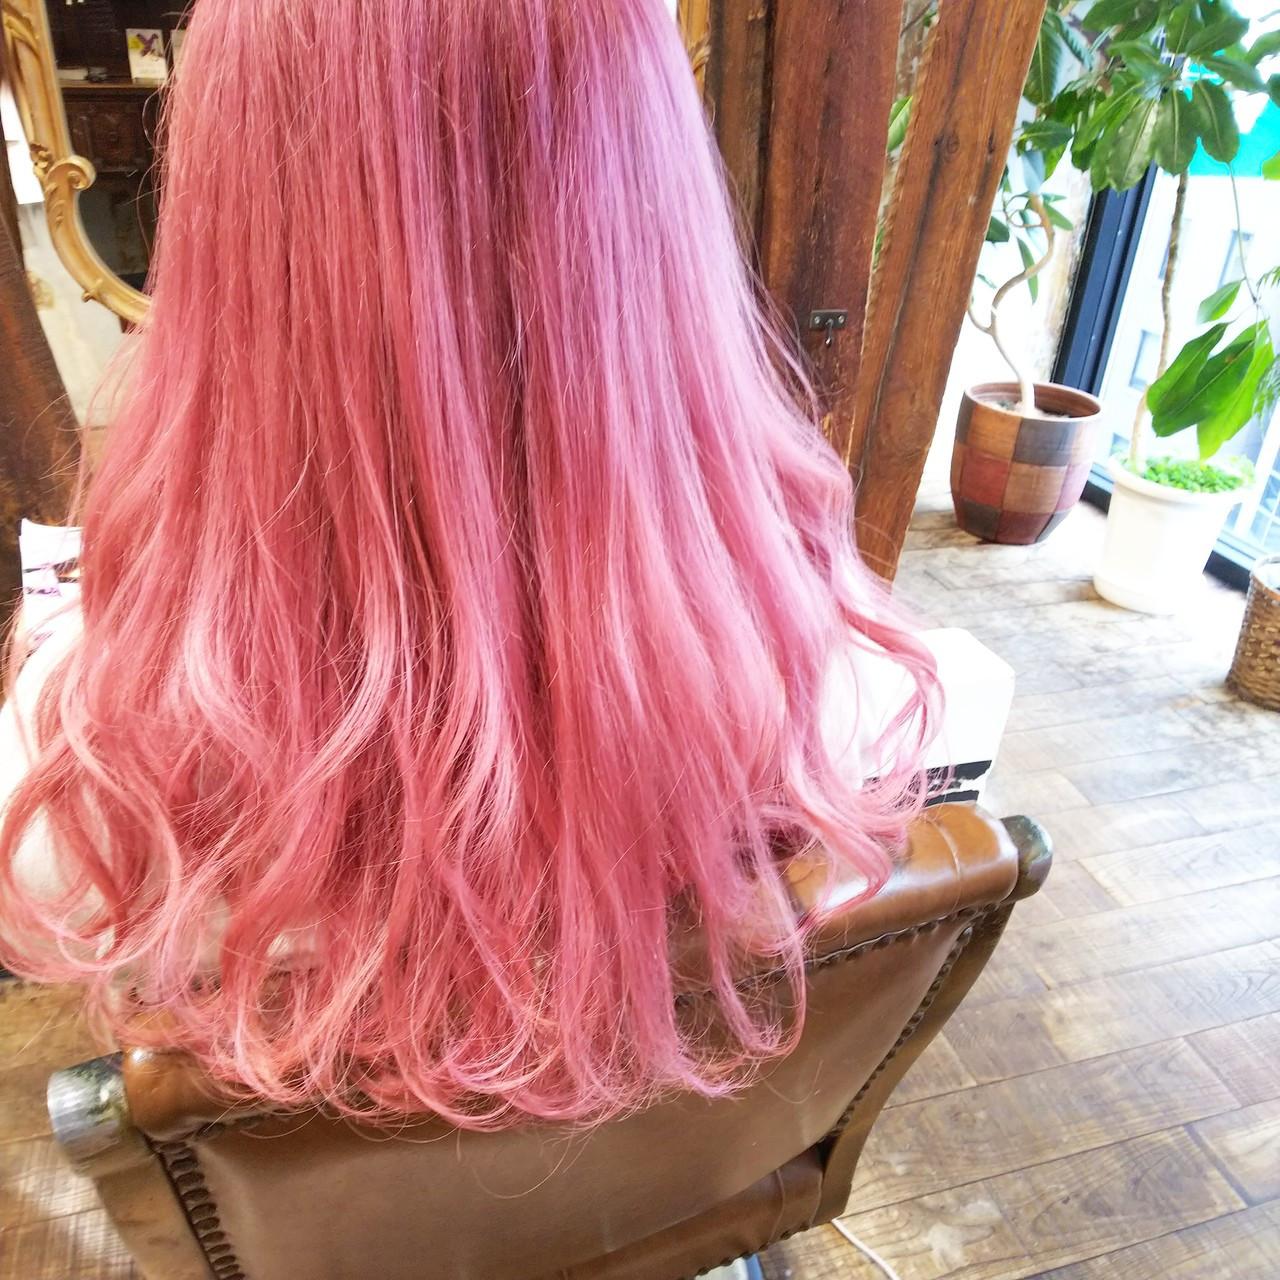 ダブルカラー ストリート ピンク ロング ヘアスタイルや髪型の写真・画像